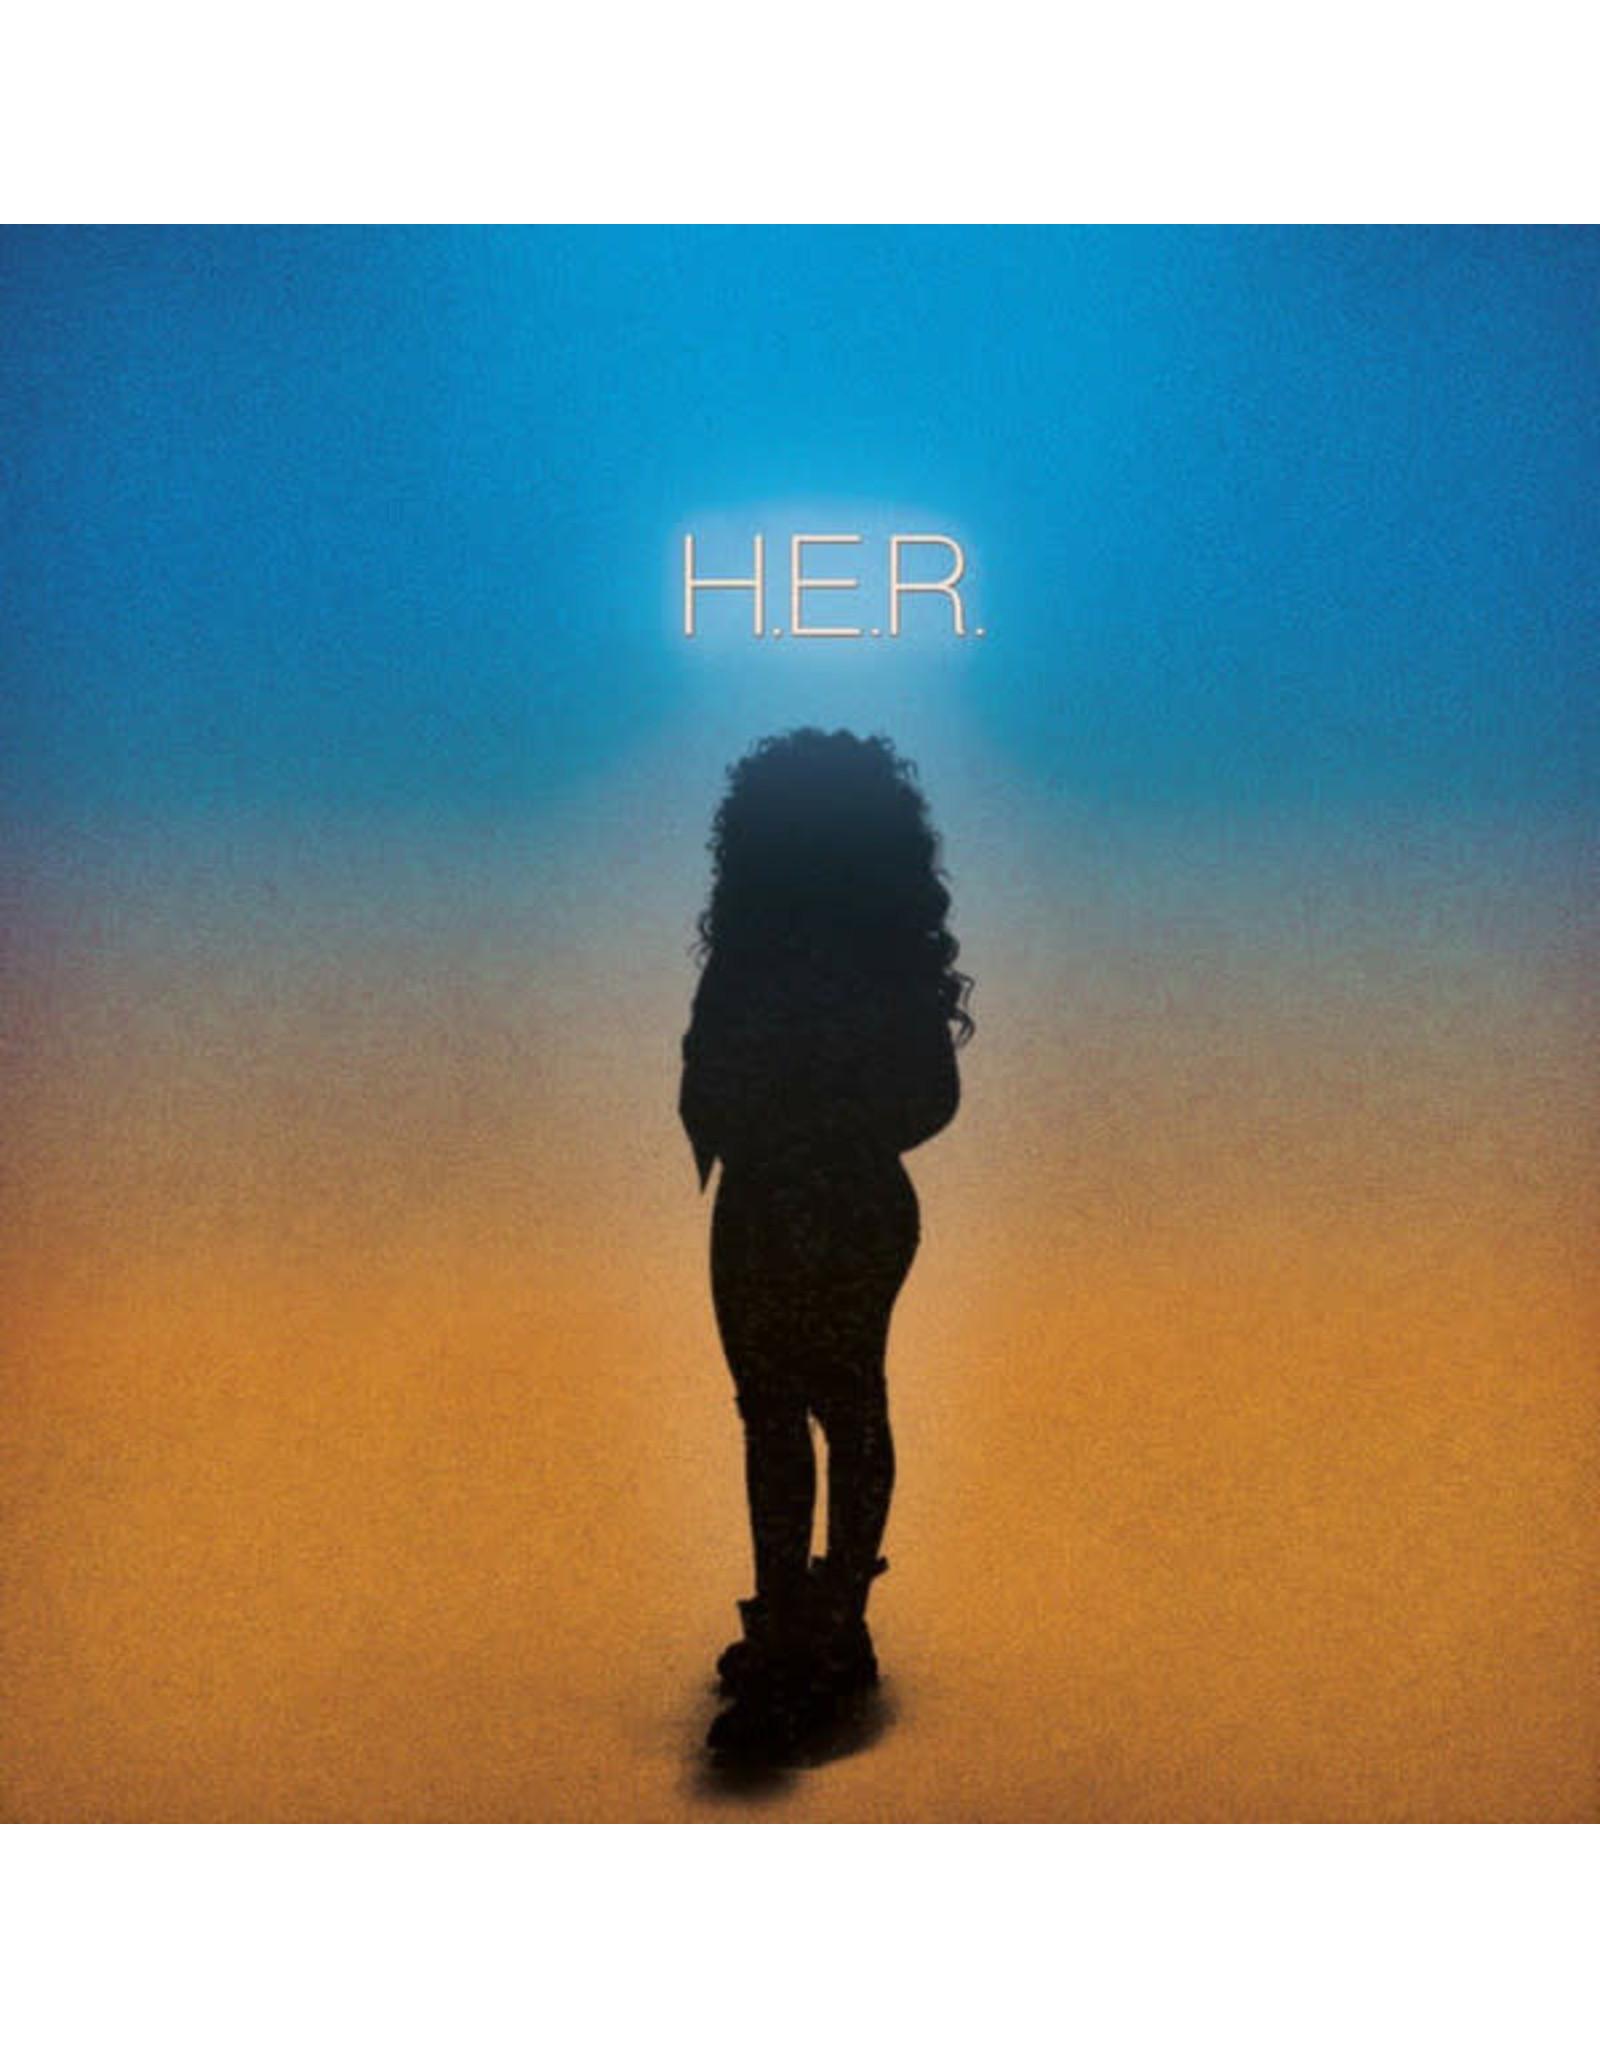 H.E.R. - H.E.R. (Deluxe Edition)